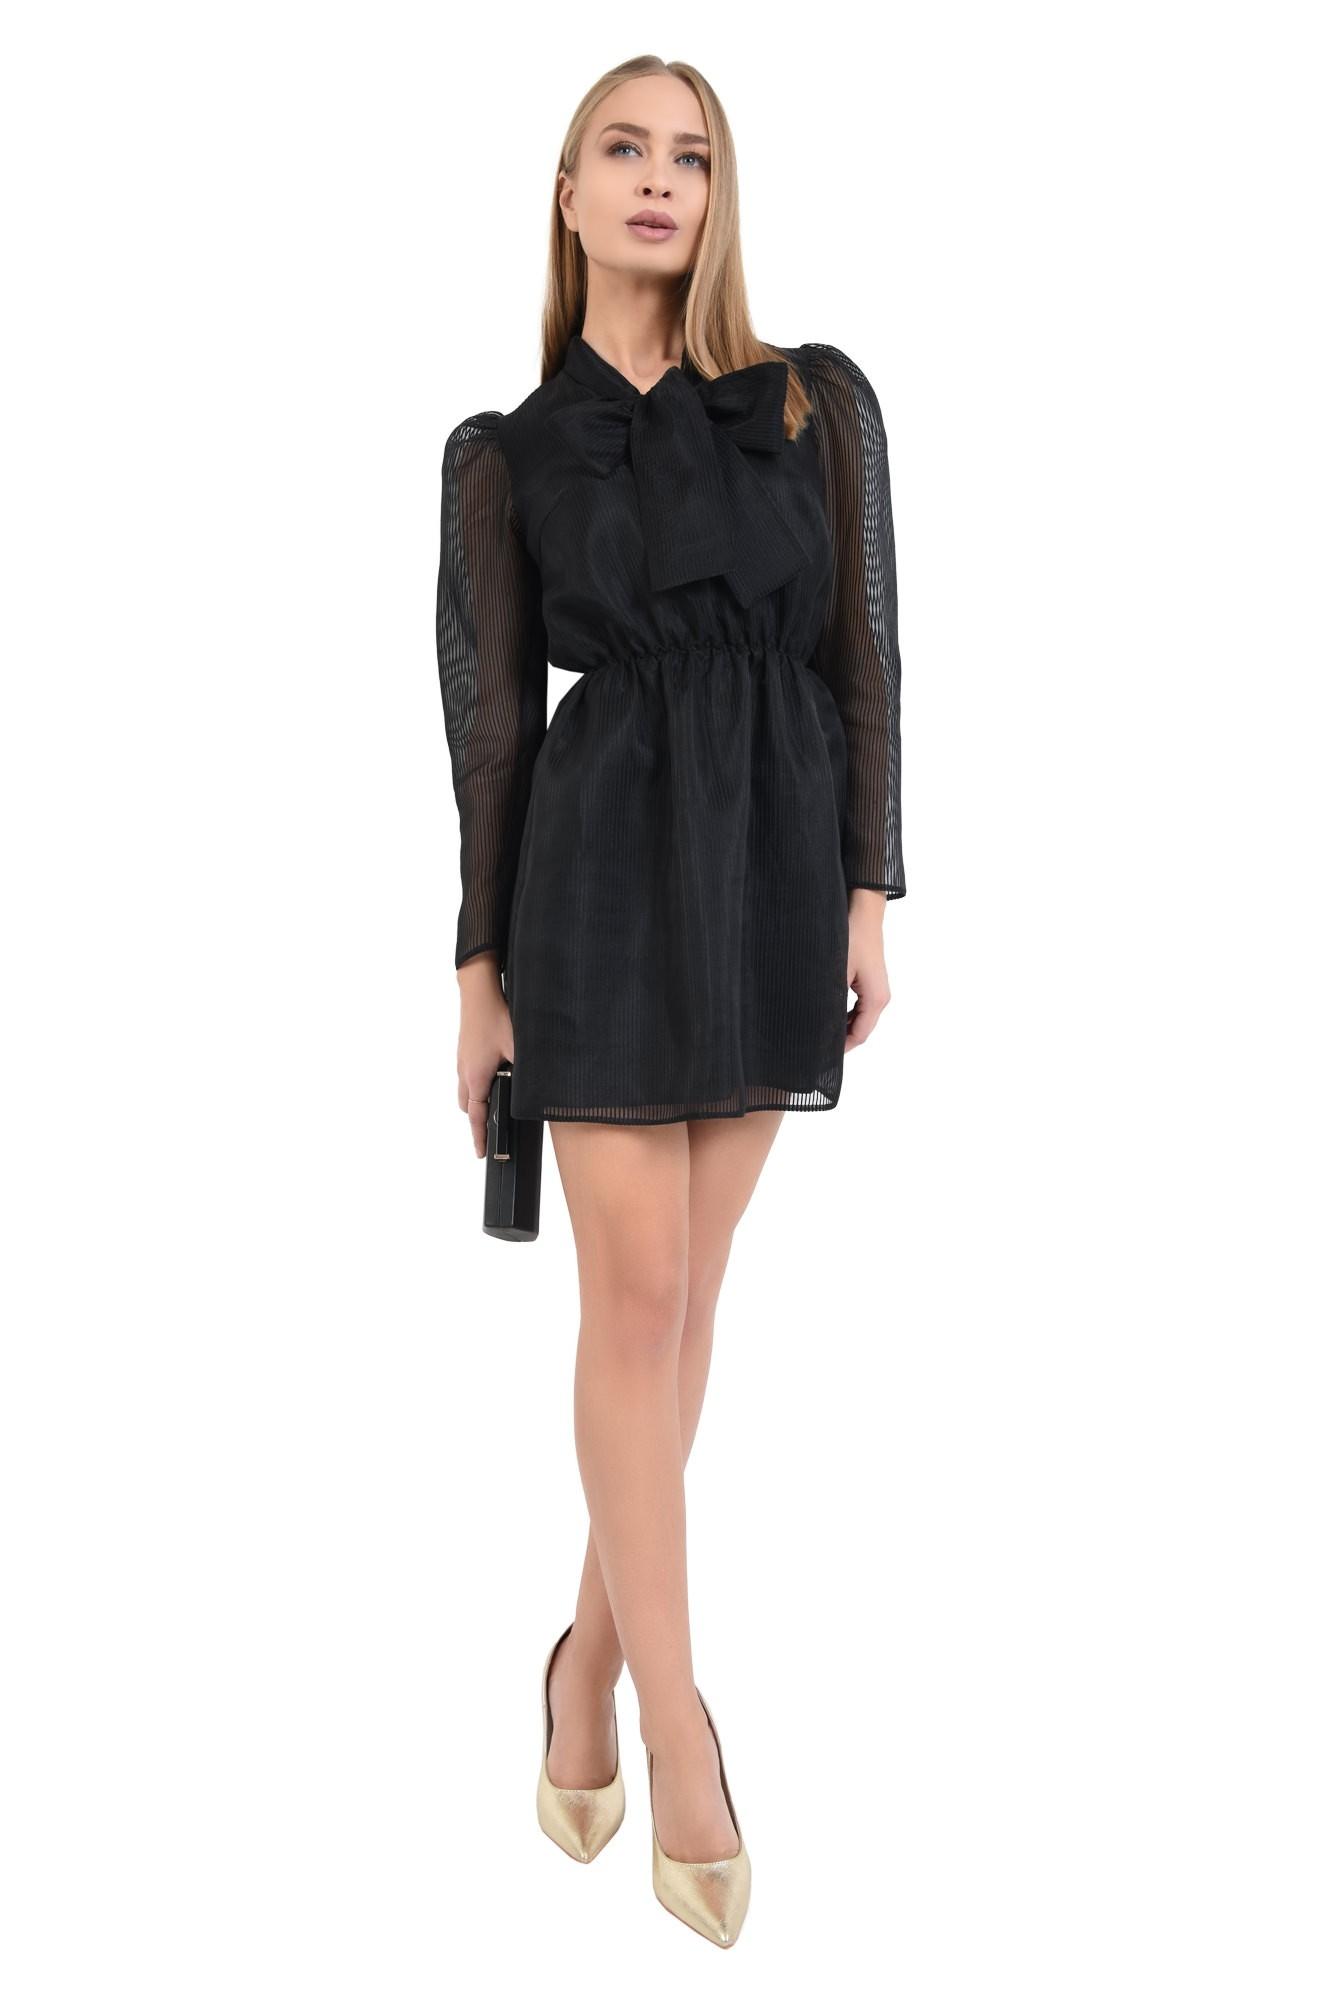 3 - 360 - rochie de seara, neagra, maneci cu cret la umar, voal tip organza